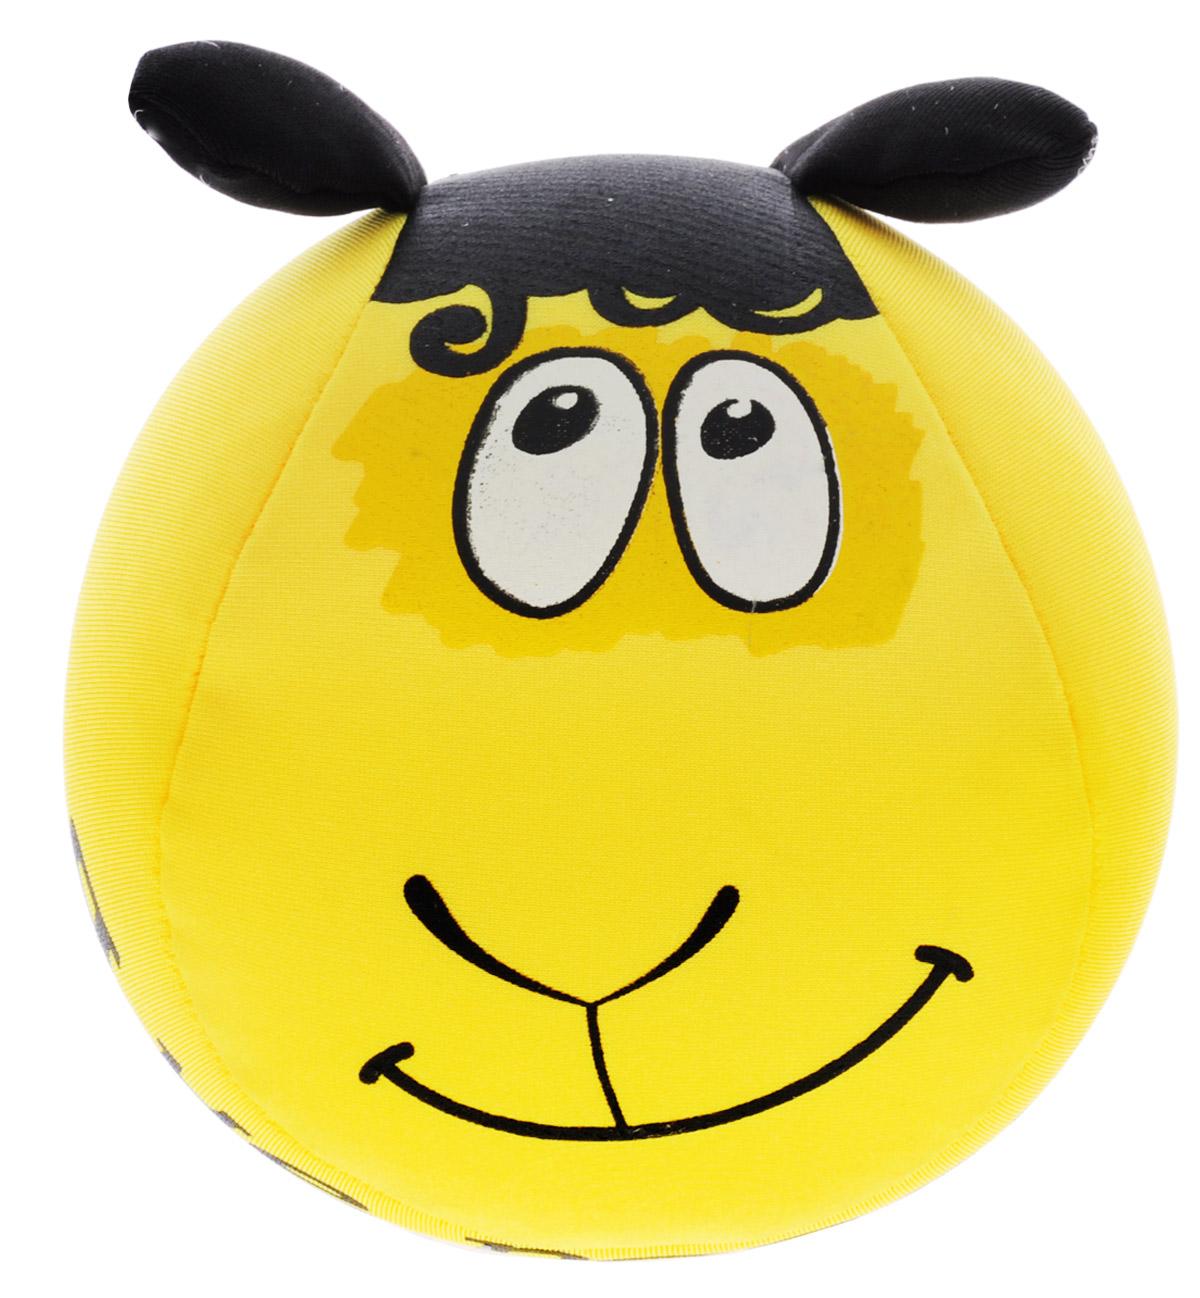 Home Queen Мягкая игрушка-антистресс Овечка цвет желтый 10 см